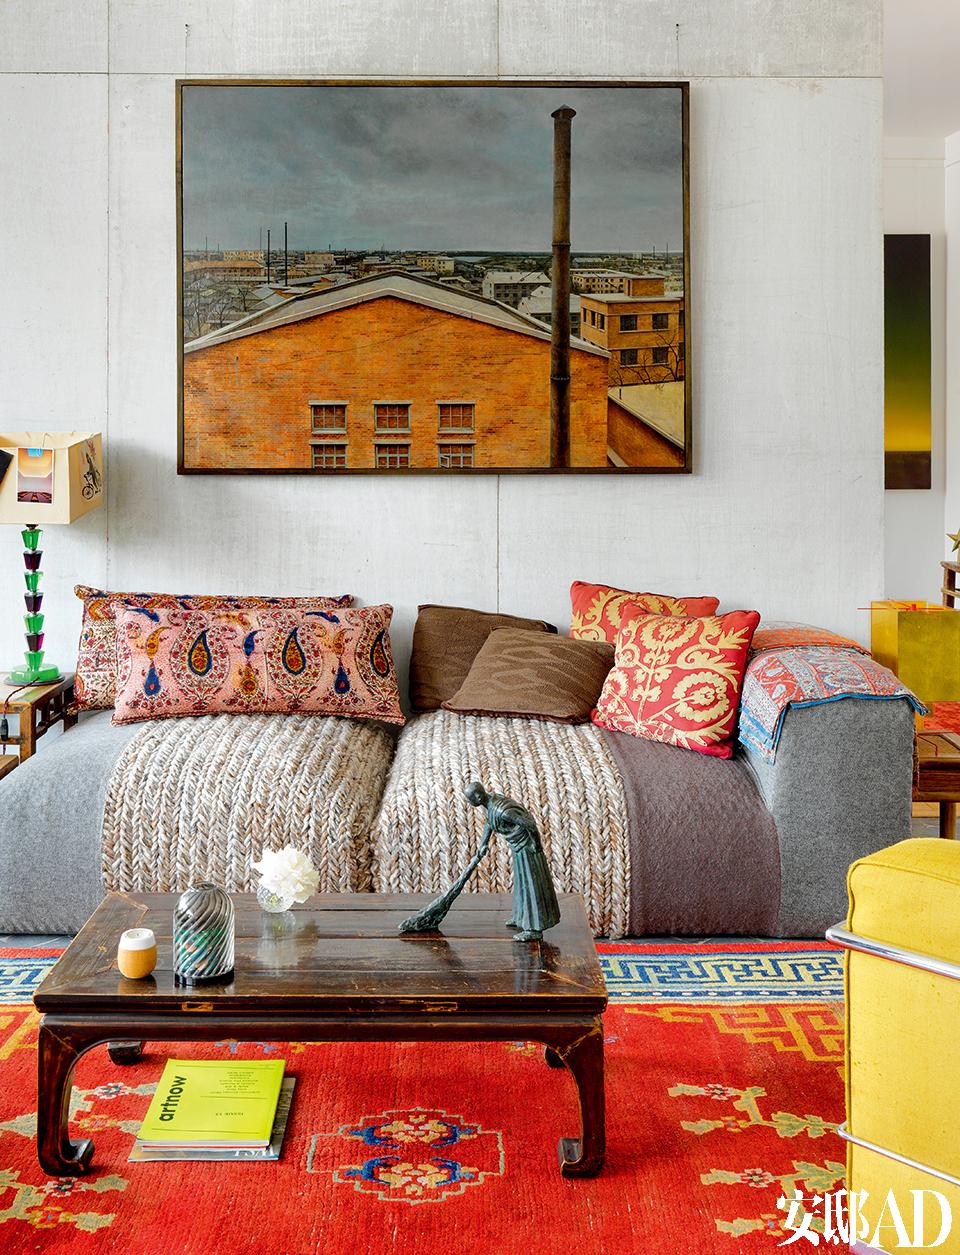 起居室墙上的油画是艺术家艾安的作品。茶几上的小型人像雕塑来自王书刚。客厅的地毯来自西藏。